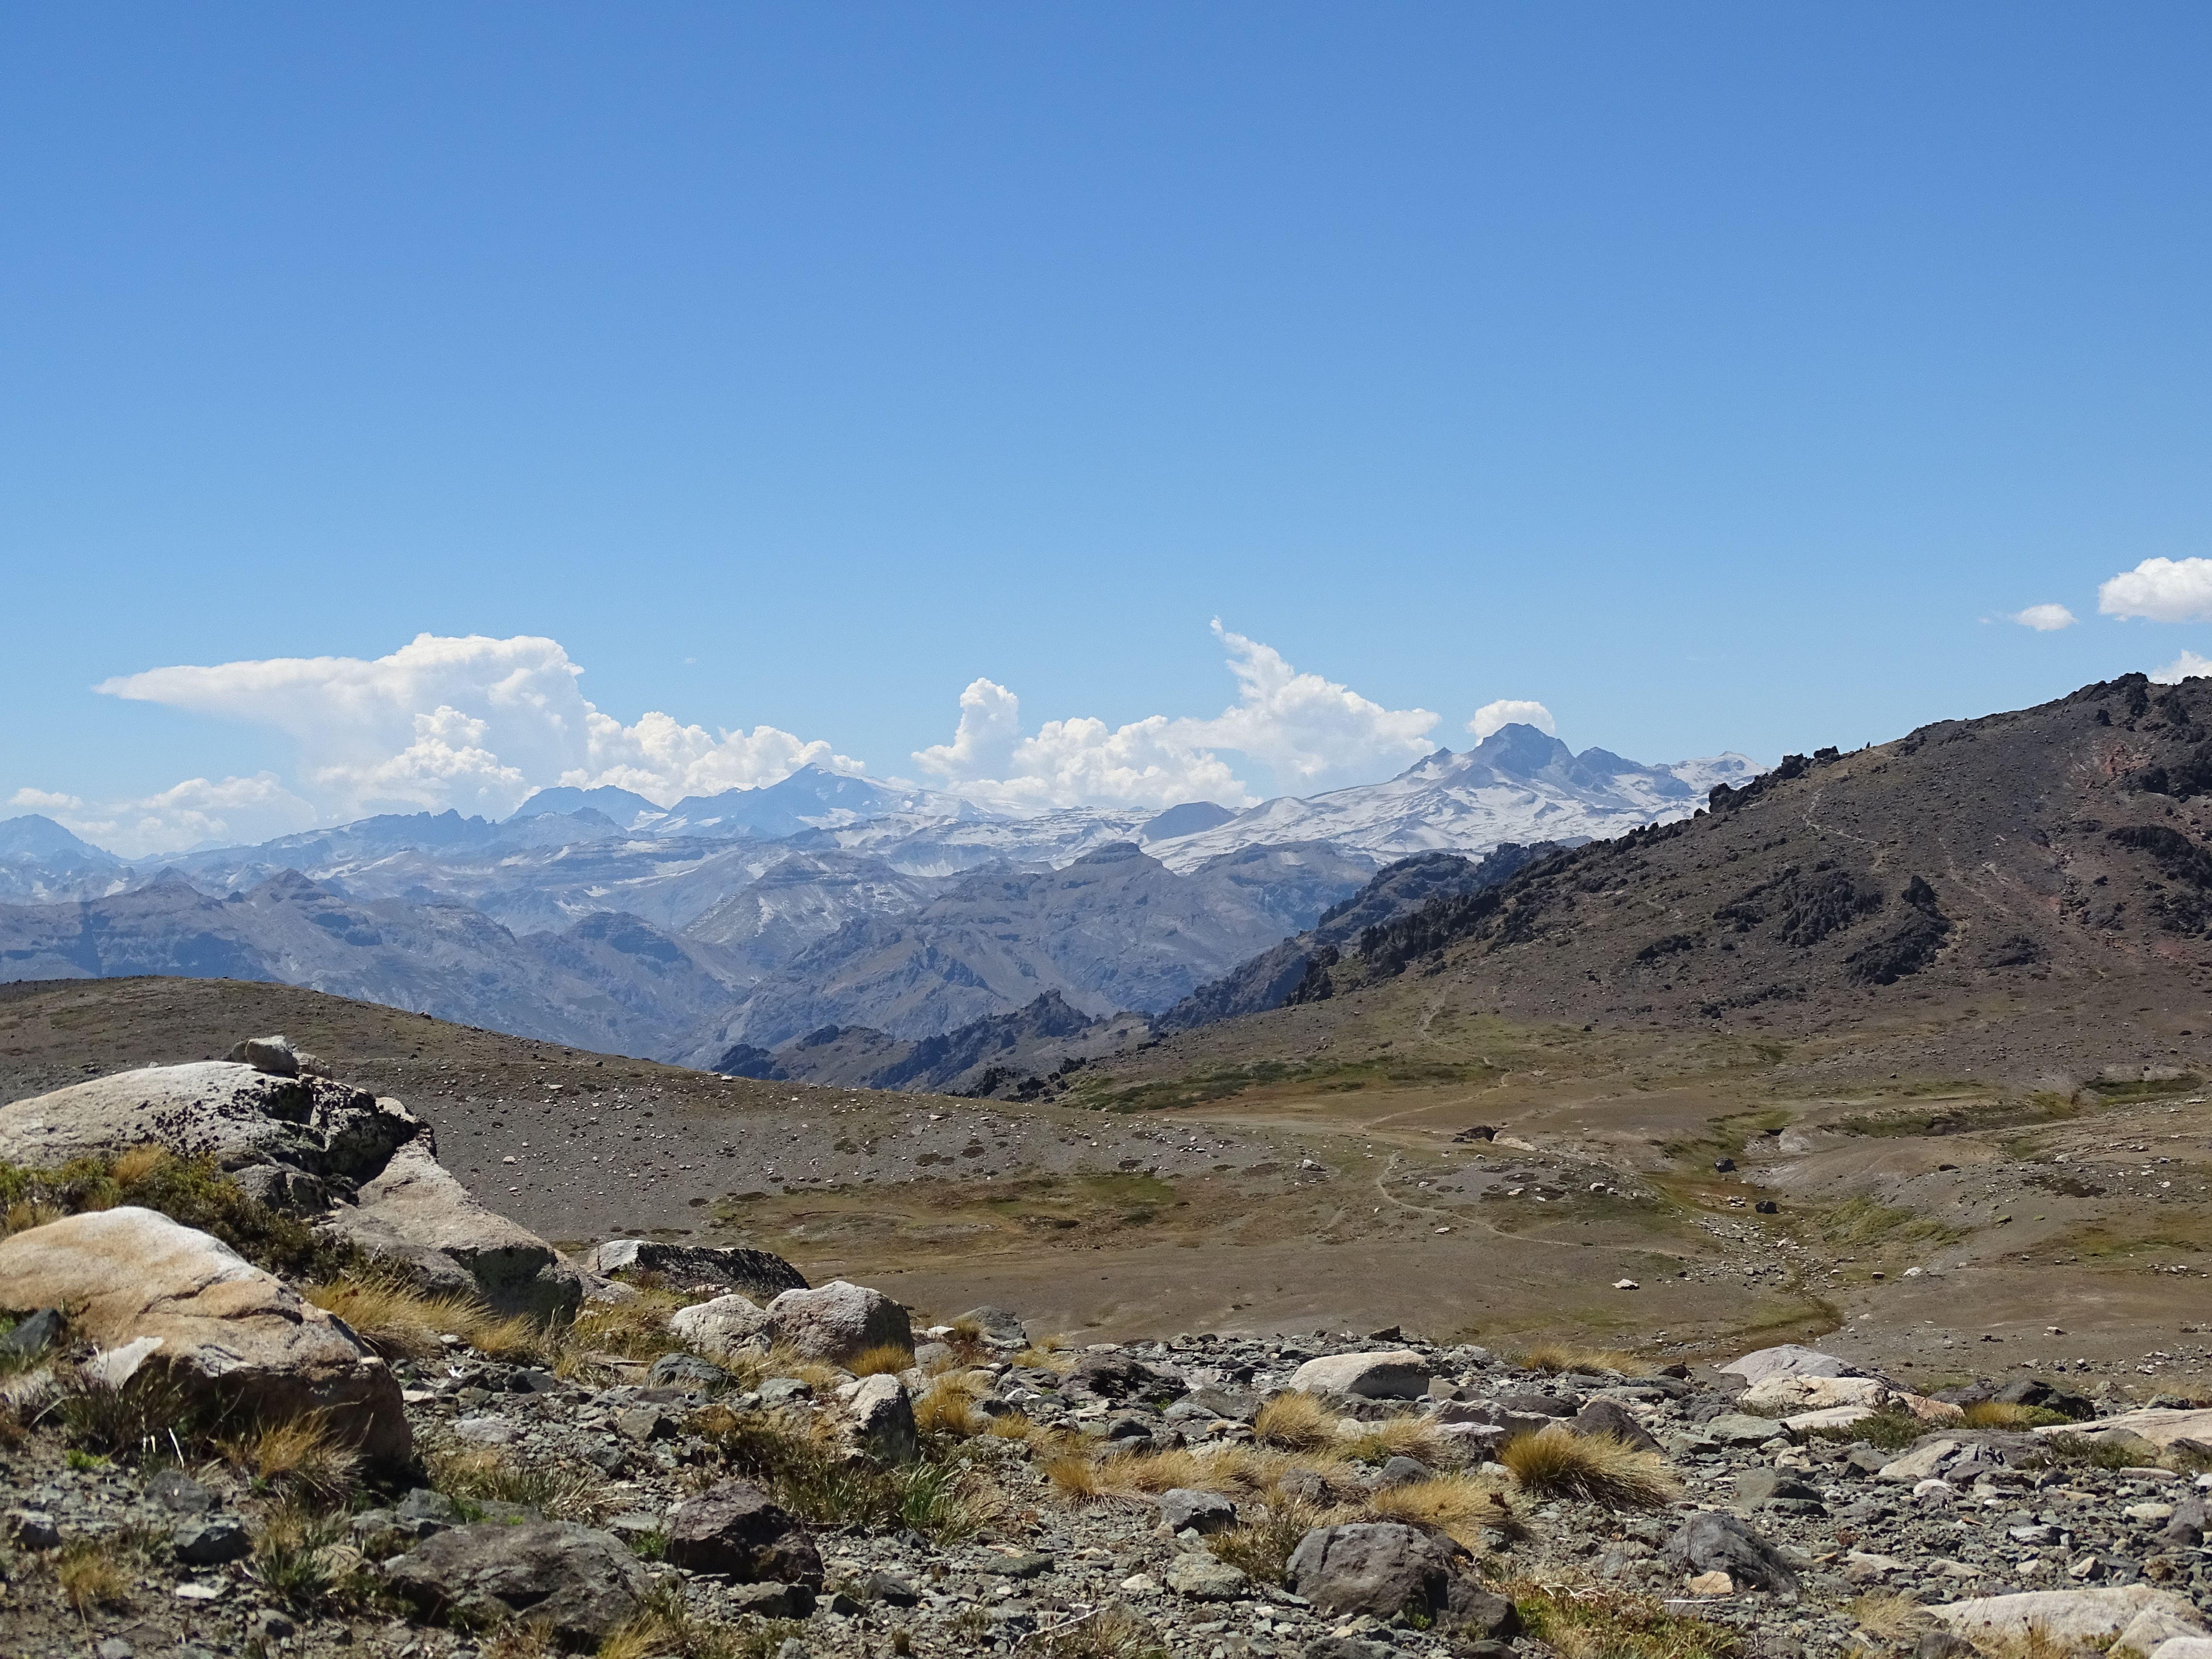 Sur la route de Santiago : Chaiten, Chiloé et Talca